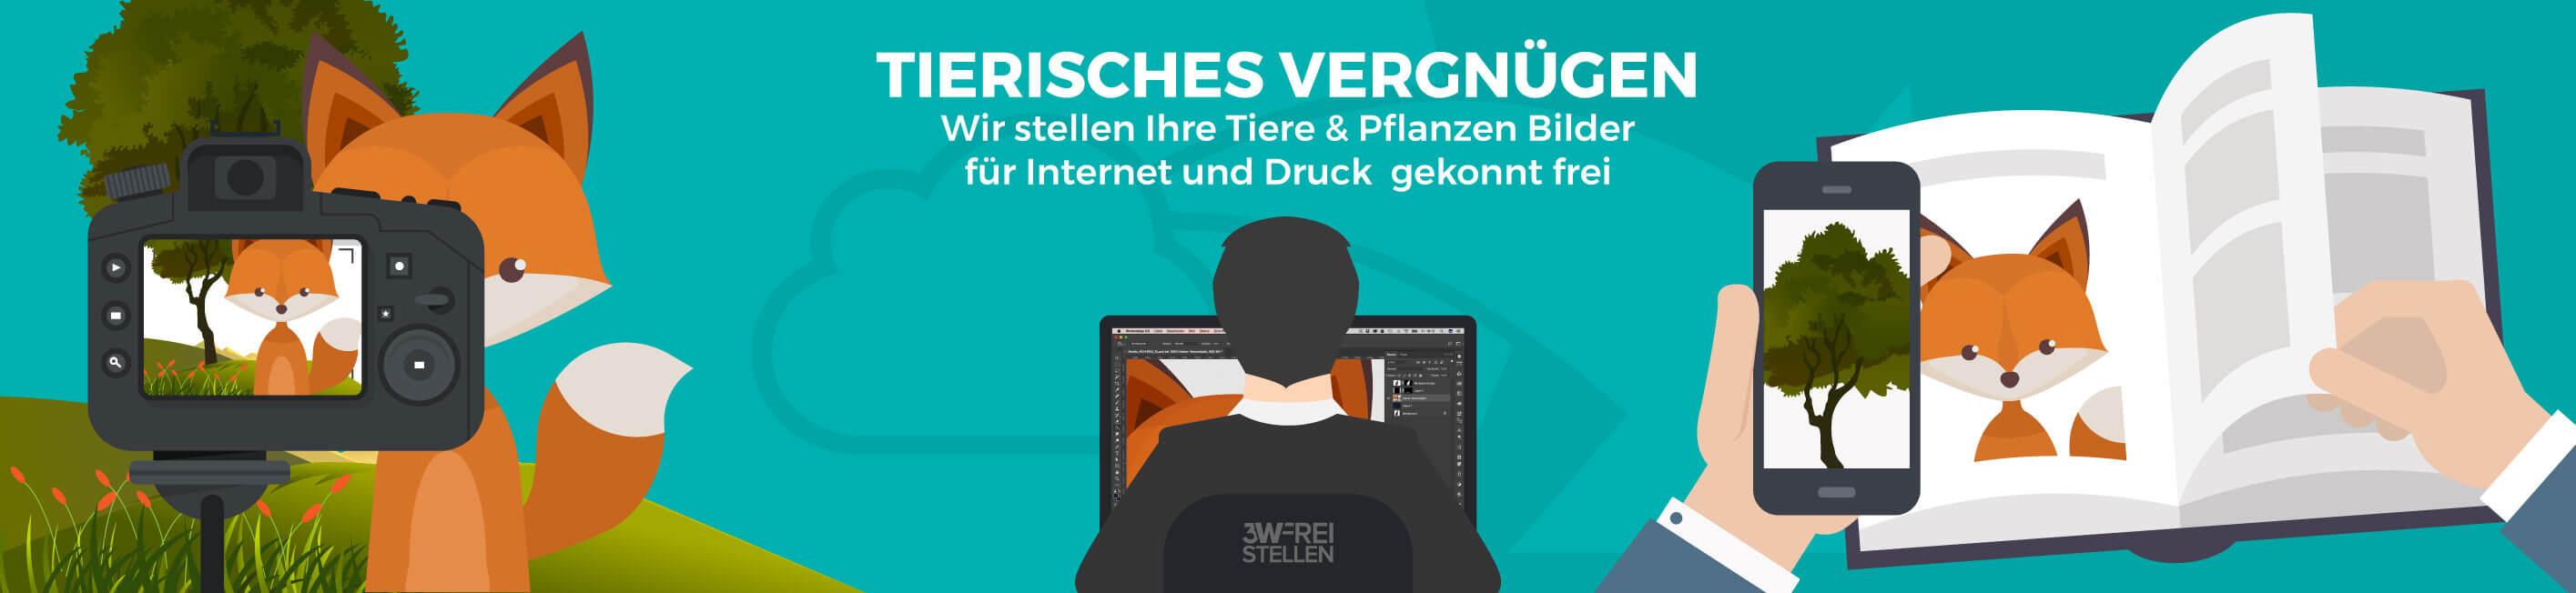 Vektorgrafik Tiere Tierisches Vergnügen Deutsch